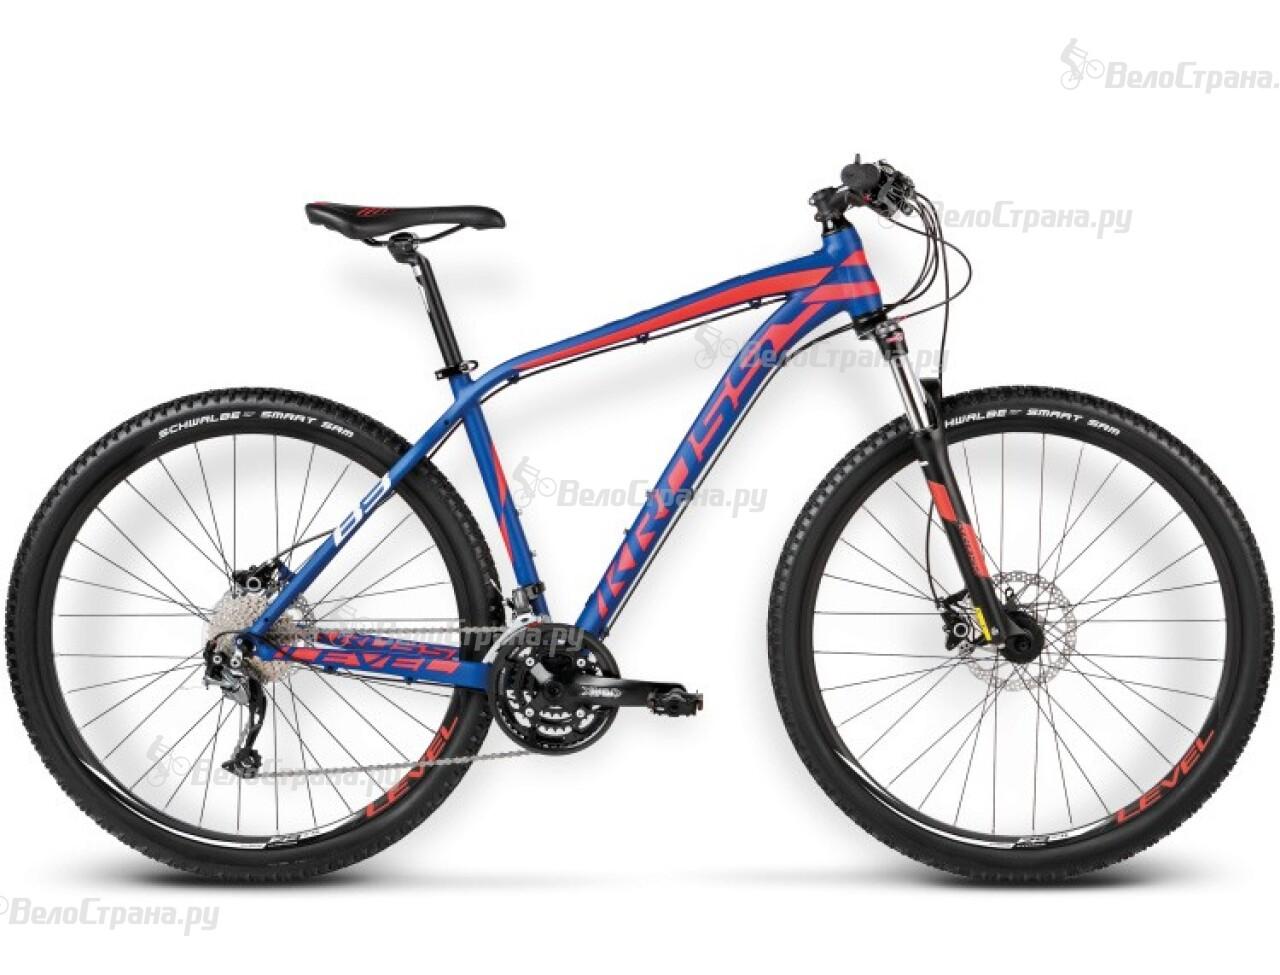 Велосипед Kross LEVEL B3 (2016) велосипед kross level b7 2016